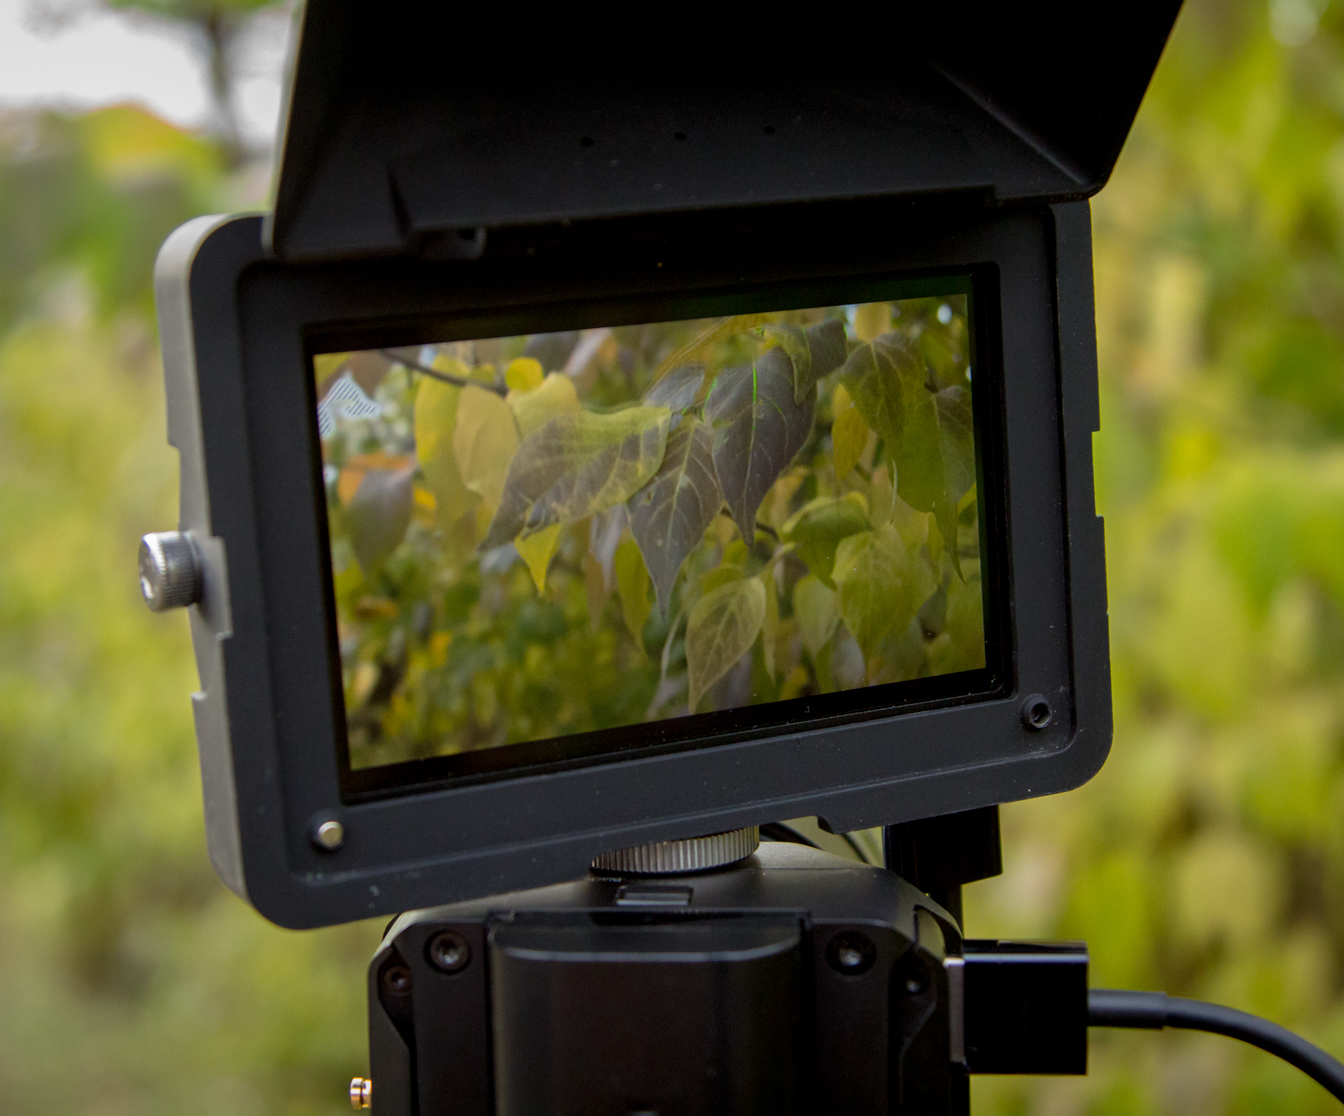 Micro Studio Camera 4K Released by Blackmagic Design 6